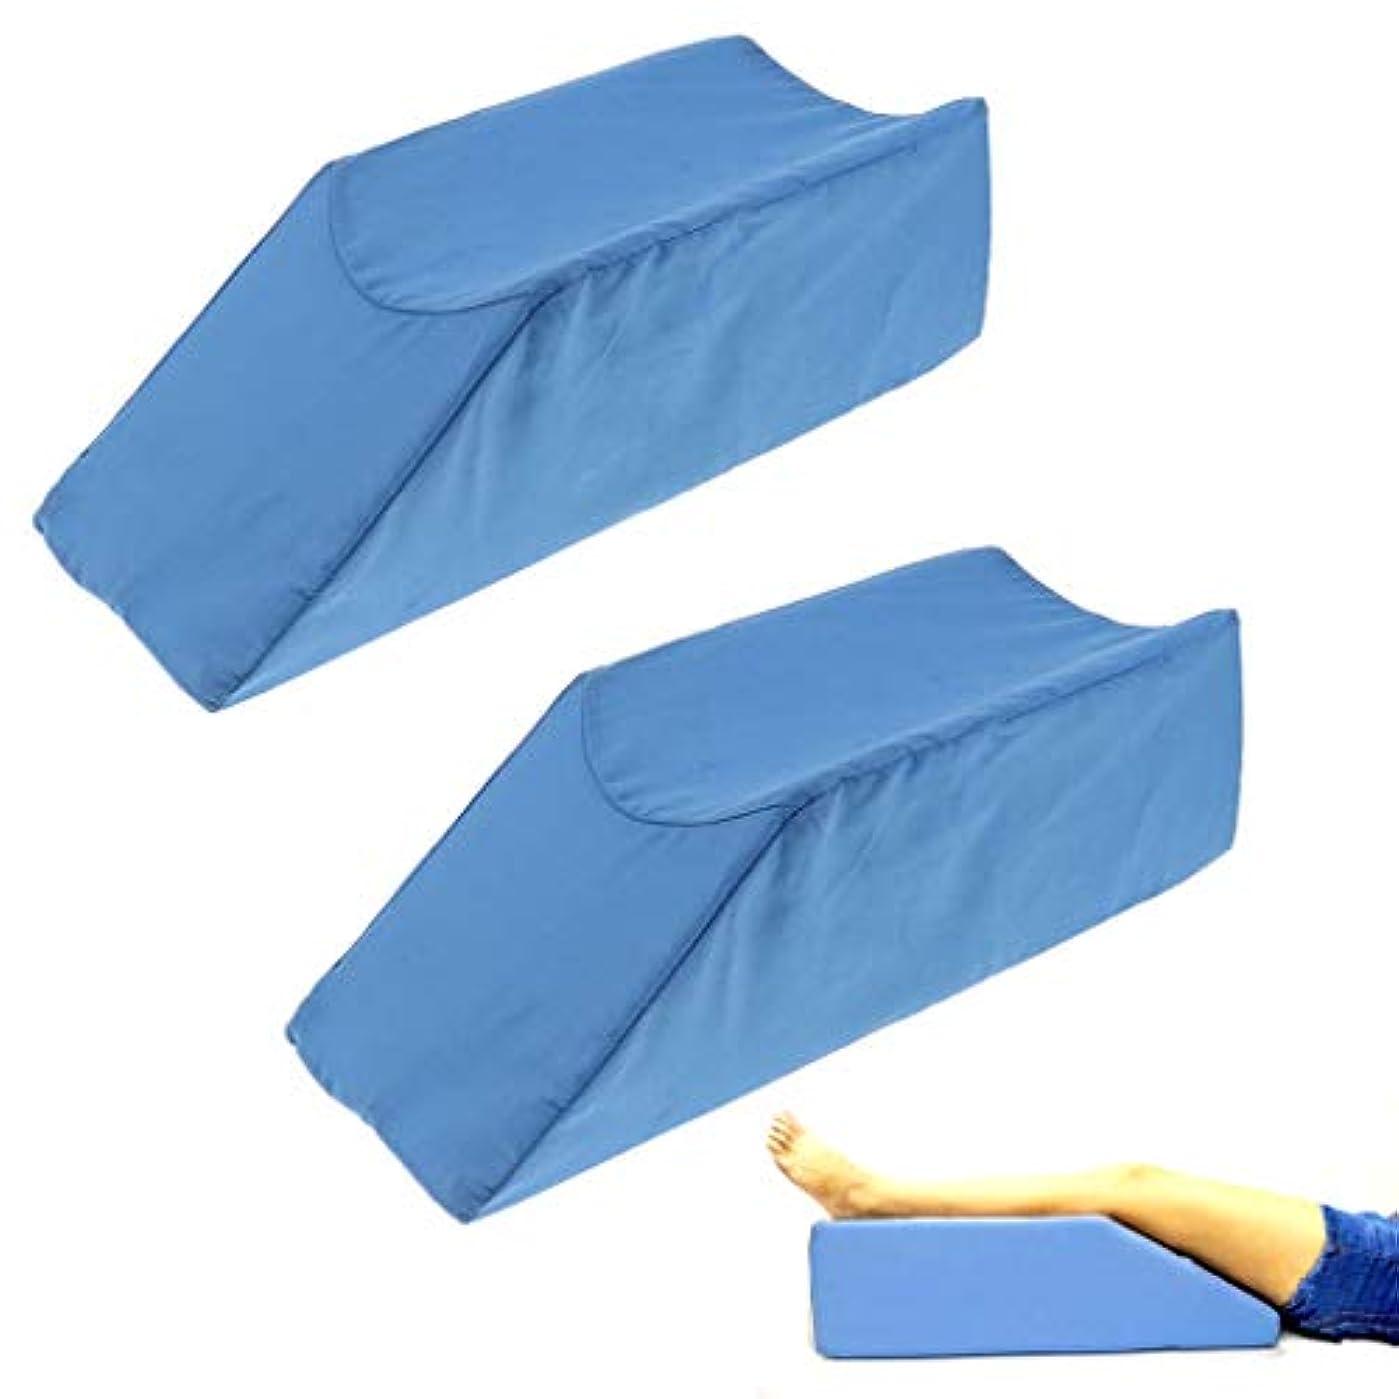 体系的に皮誇張する膝足脚昇降スプリント-脚昇降枕-妊娠、腰痛、坐骨神経痛のためのウェッジエレベーターサポートクッション(2パック)